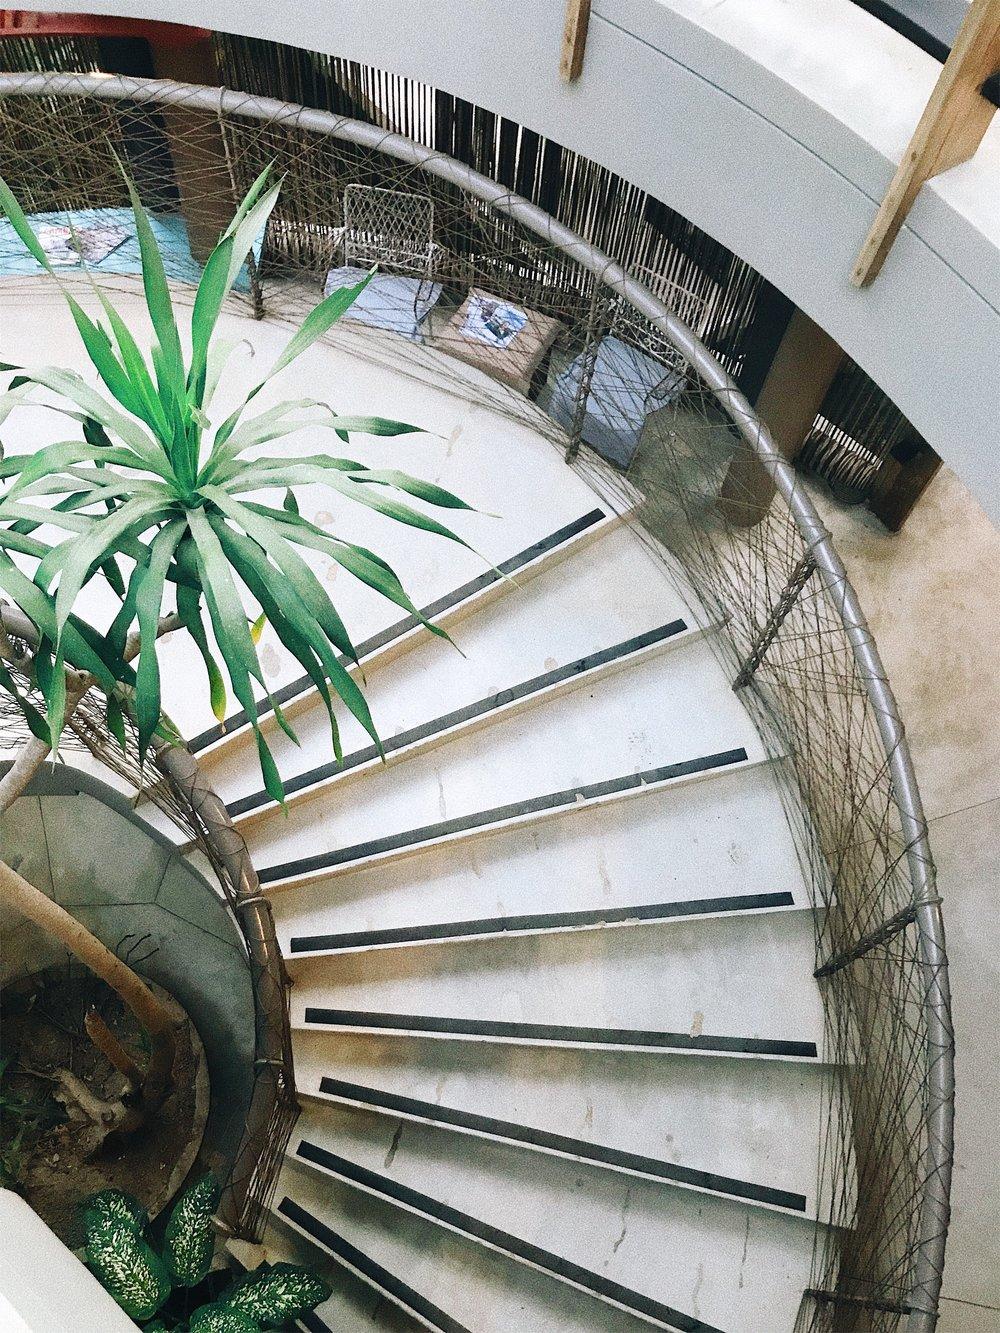 Spin Designer Hostel Review